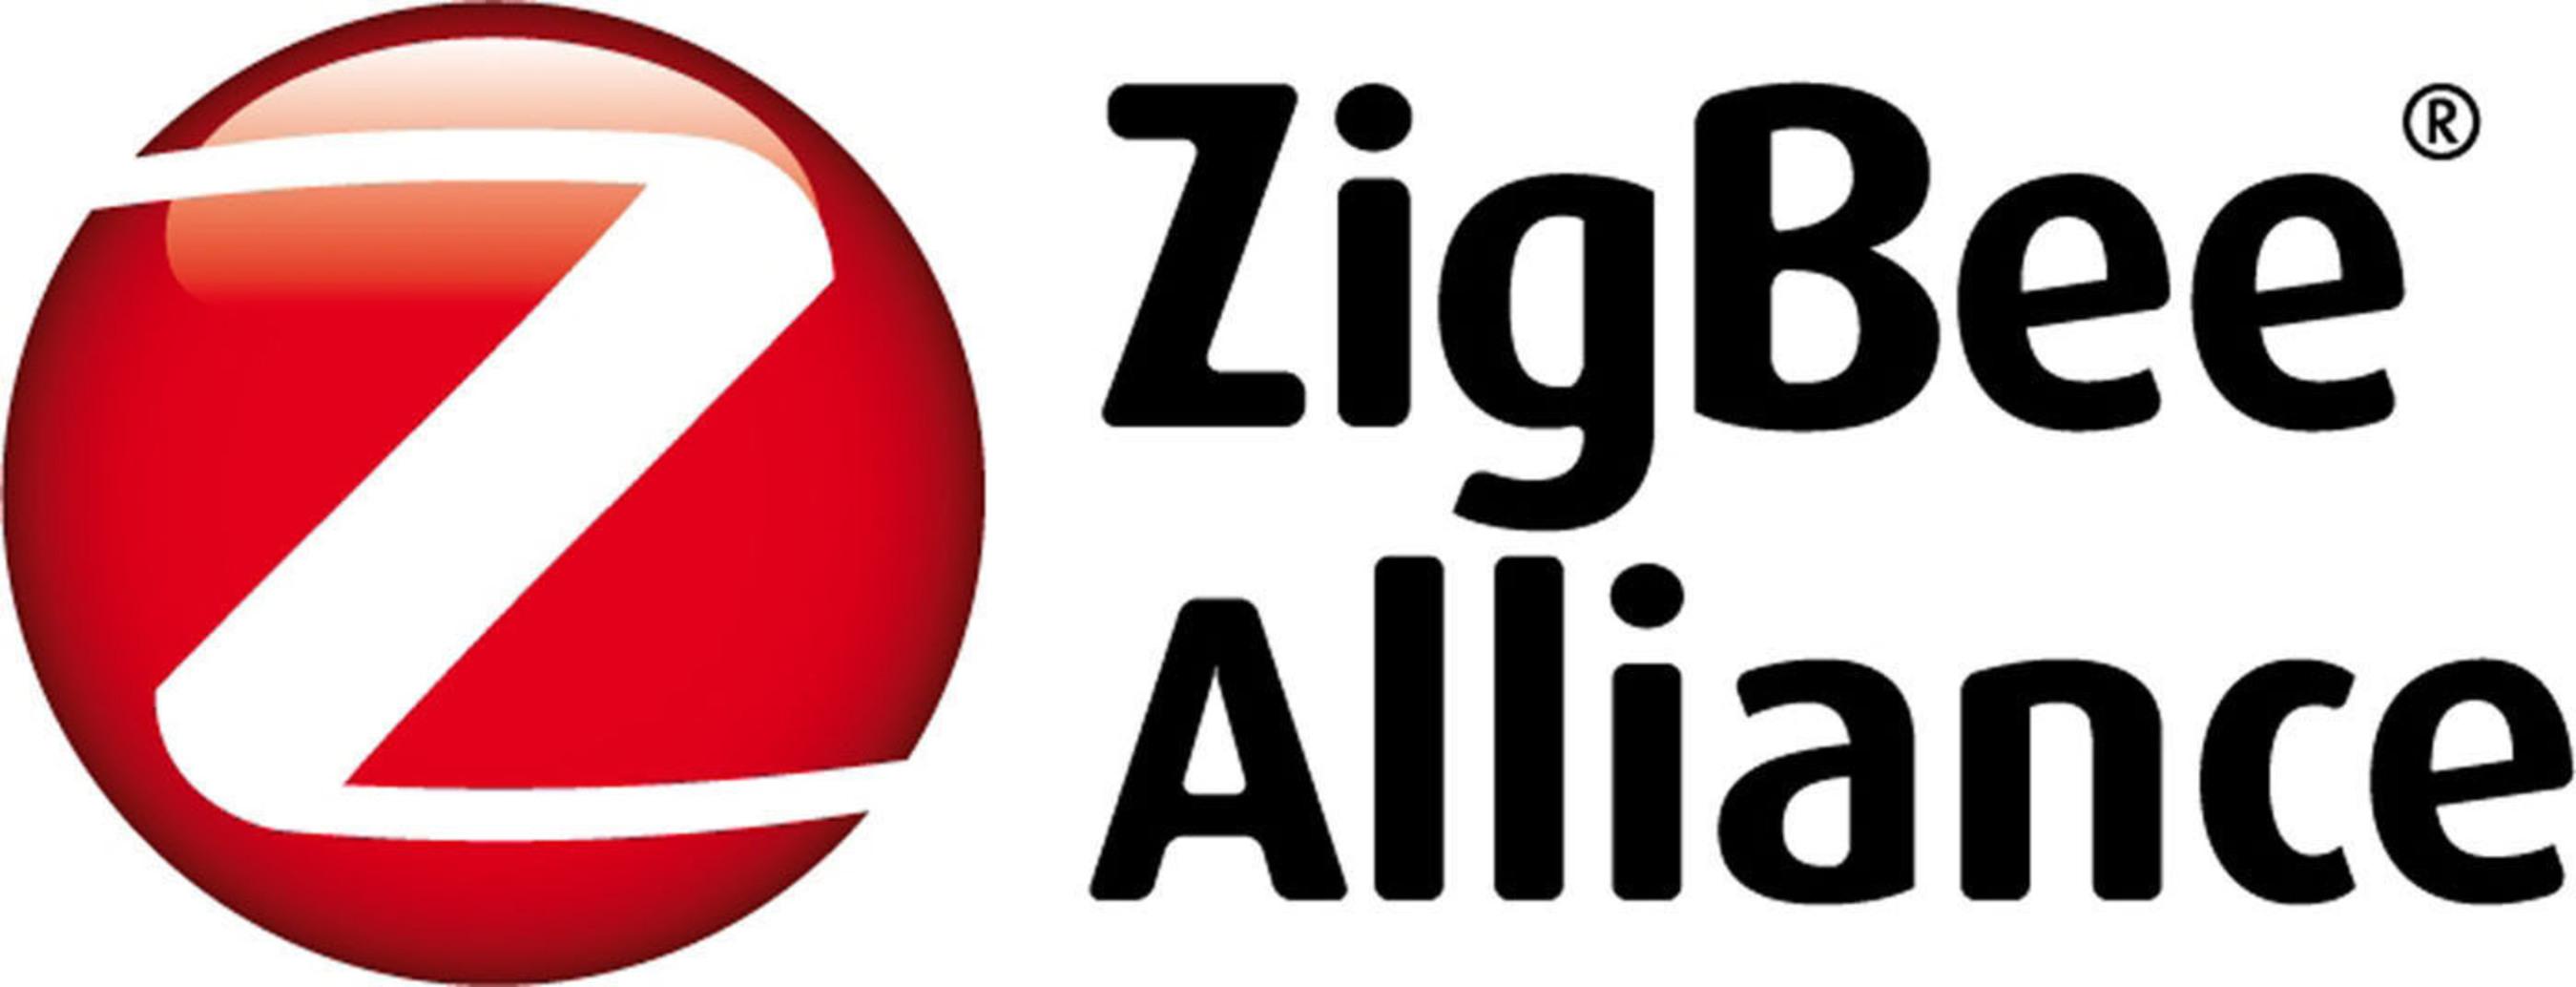 Wulian rejoint le conseil d'administration de ZigBee Alliance